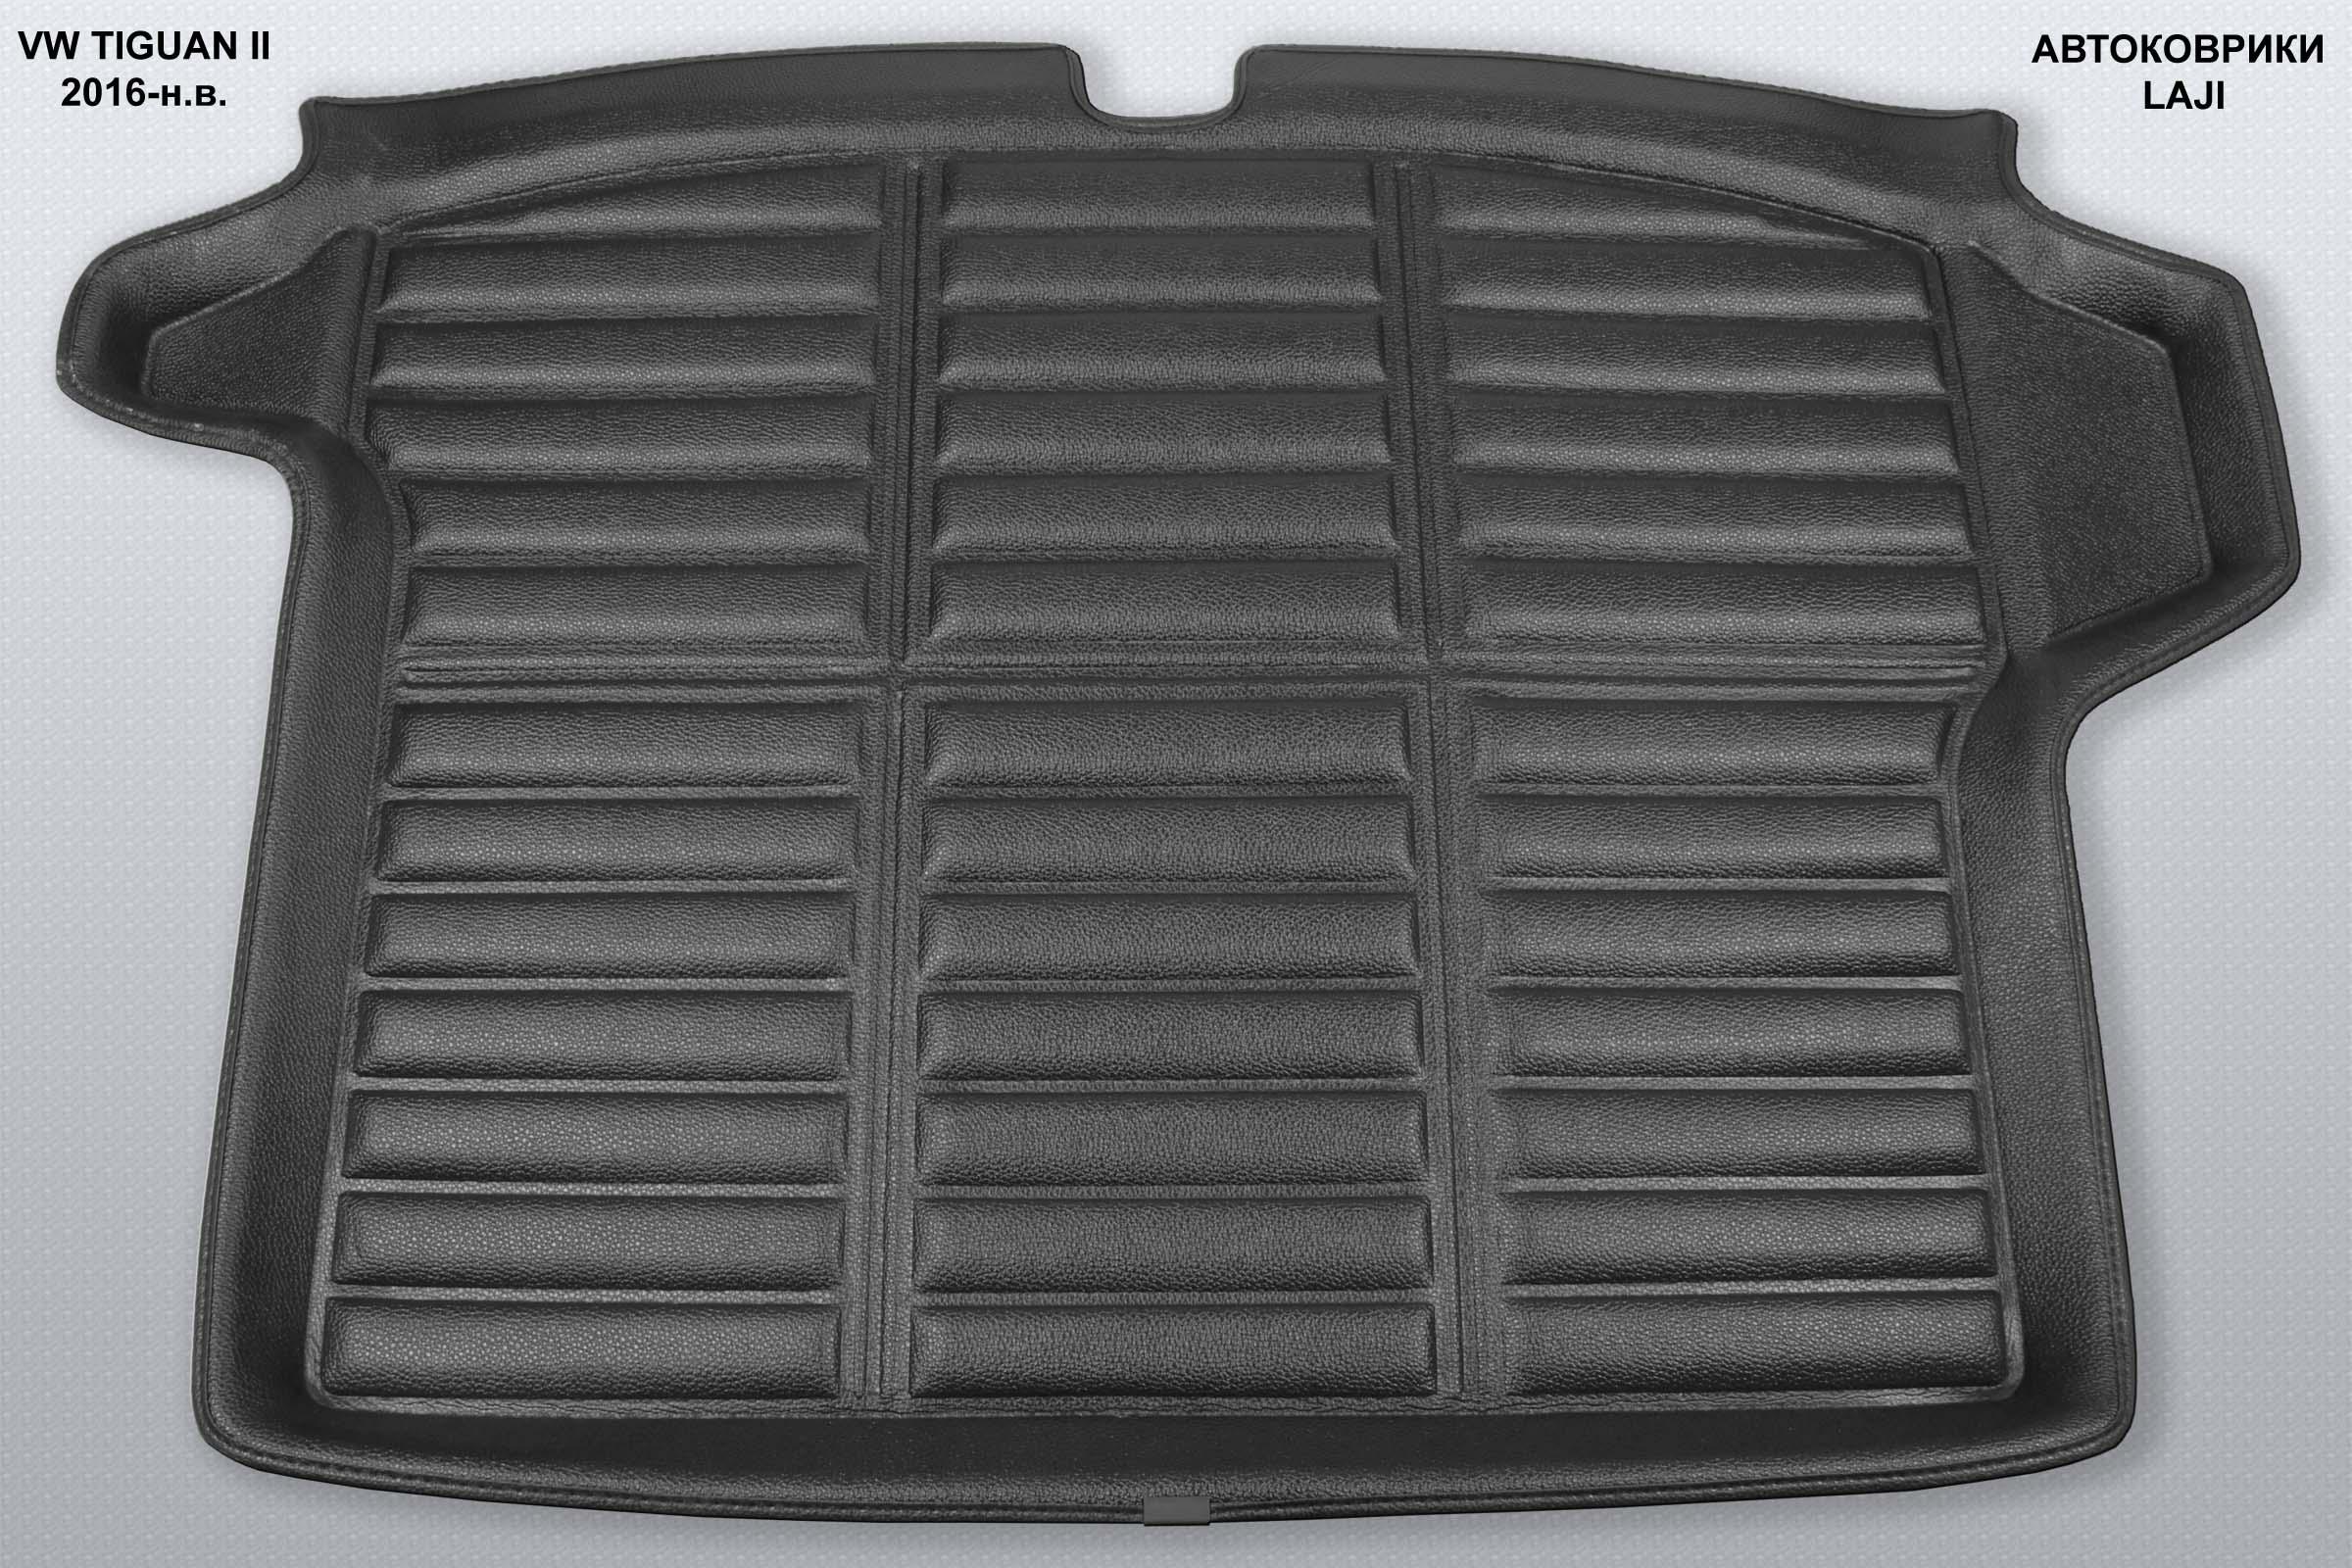 3D коврик в багажник Volkswagen Tiguan 2 2016-н.в. 2